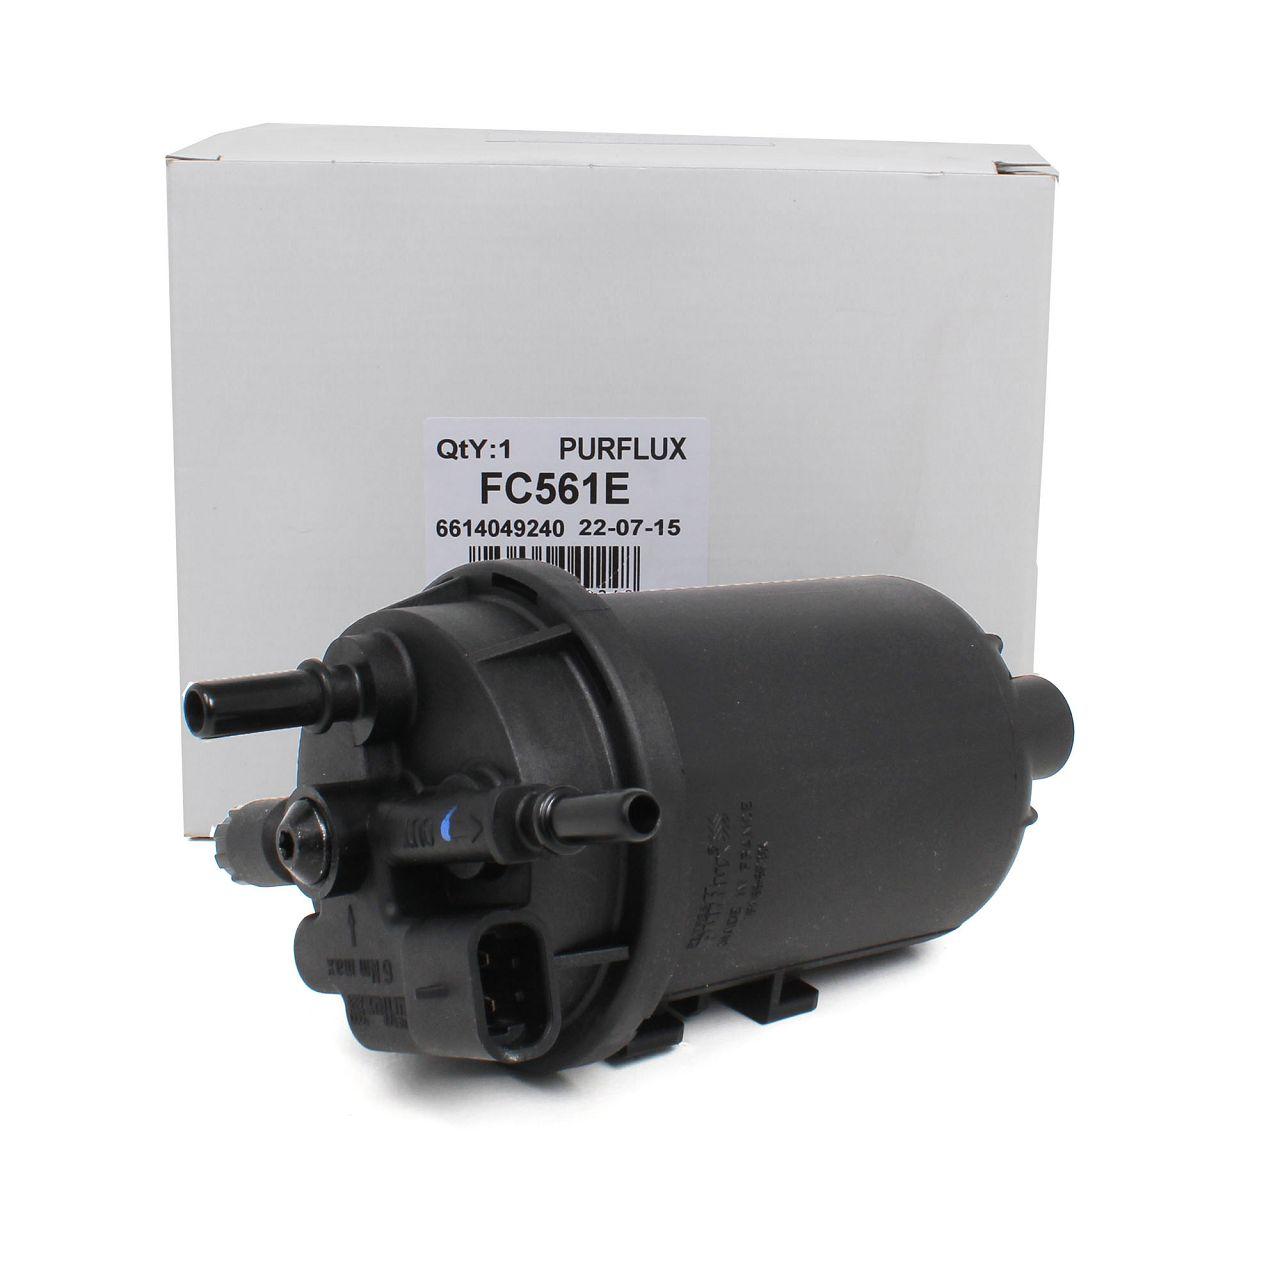 PURFLUX Kraftstofffilter Dieselfilter Gehäuse FC561E für Renault 1.9D 1.9-3.0dCi